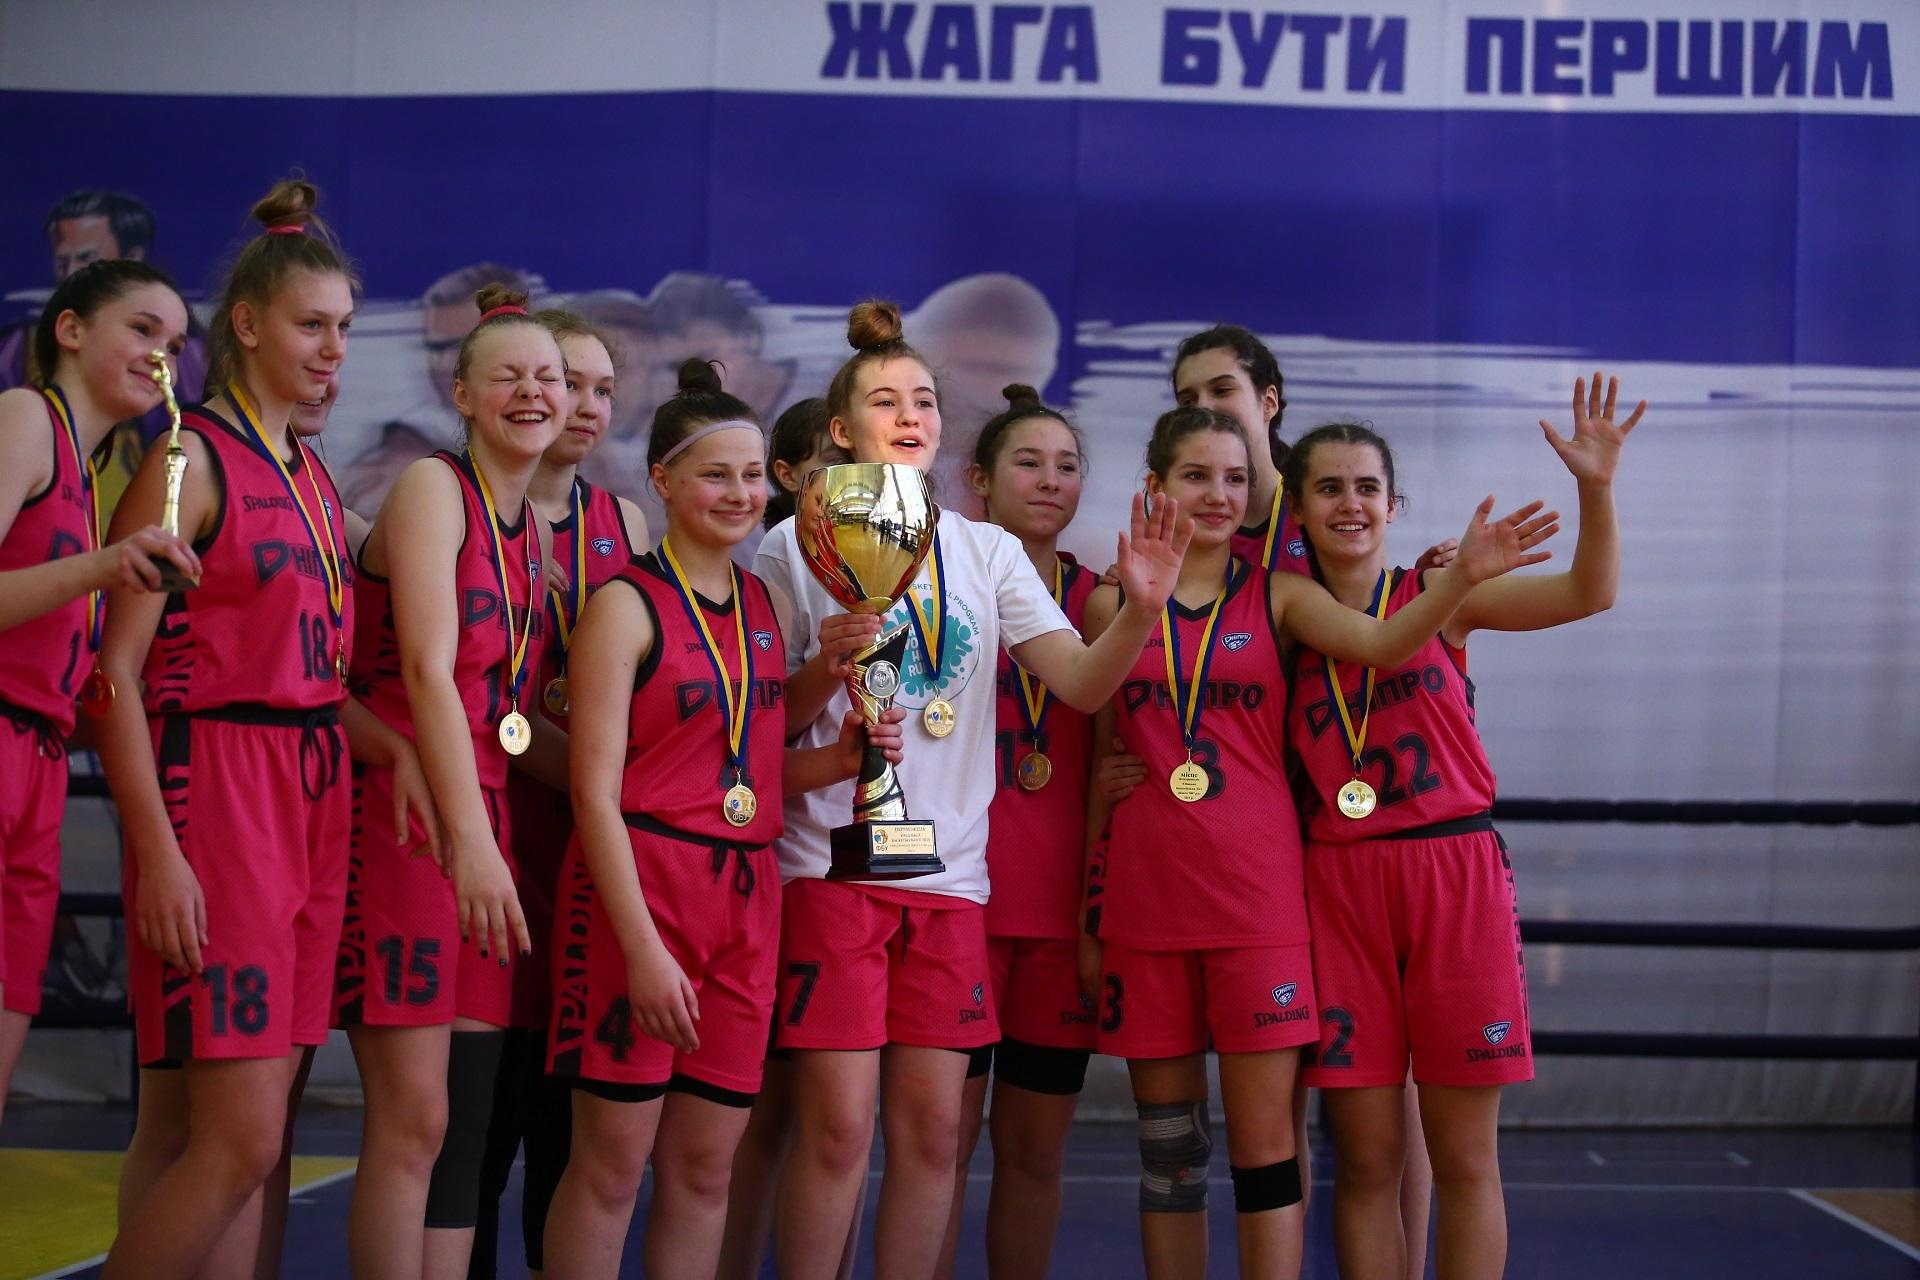 ВЮБЛ: ДФКС-СДЮСШОР№5 - чемпіон серед дівчат 2007 року народження